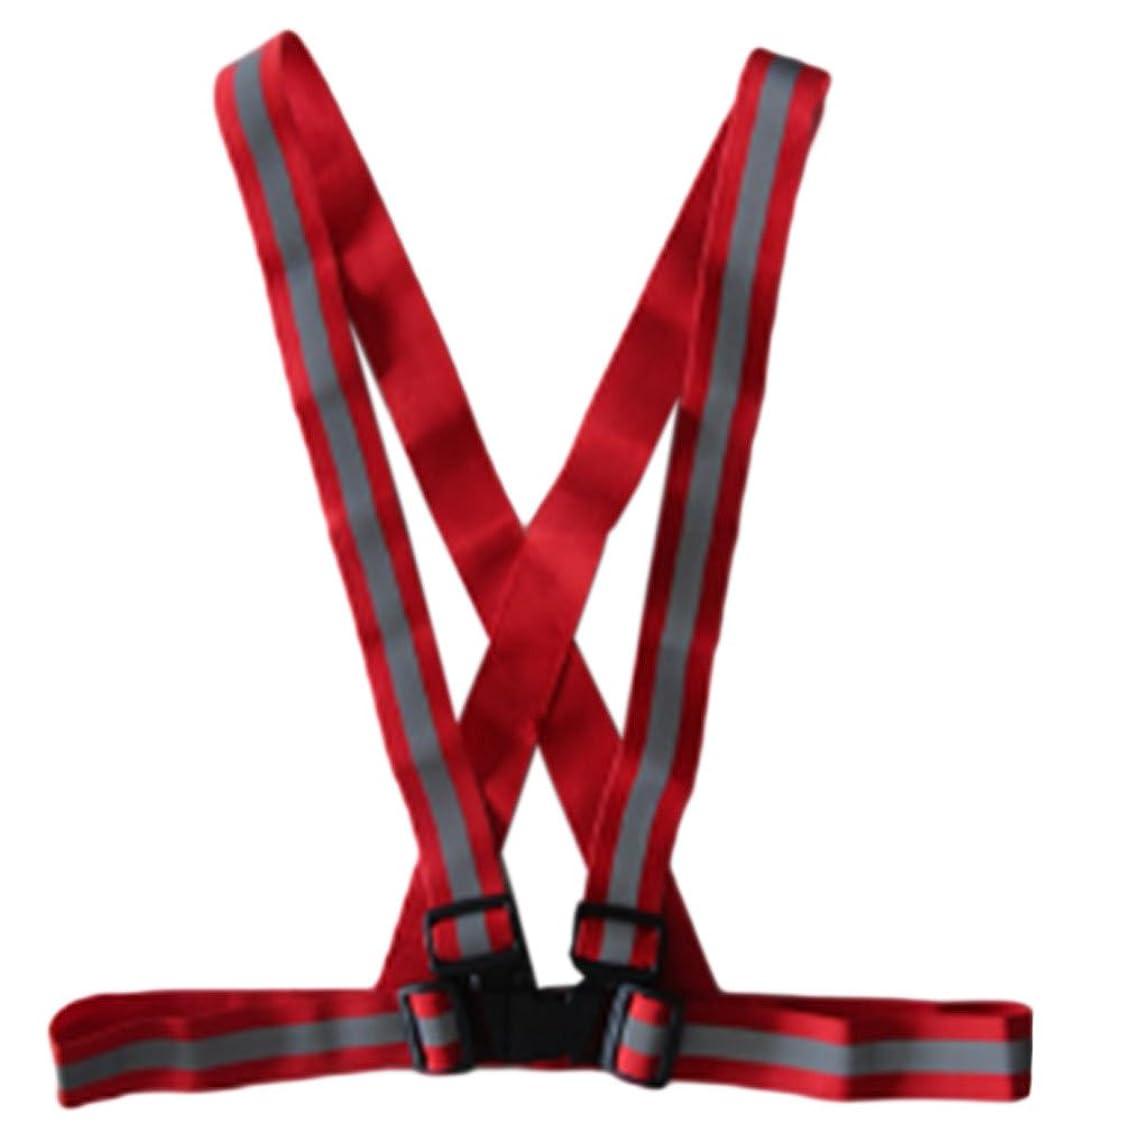 傾向減少フィードオンDeylaying 安全性ストライプ 反射的 ベスト 高い可視性 テープ ハーネス 夜 スポーツ作業服